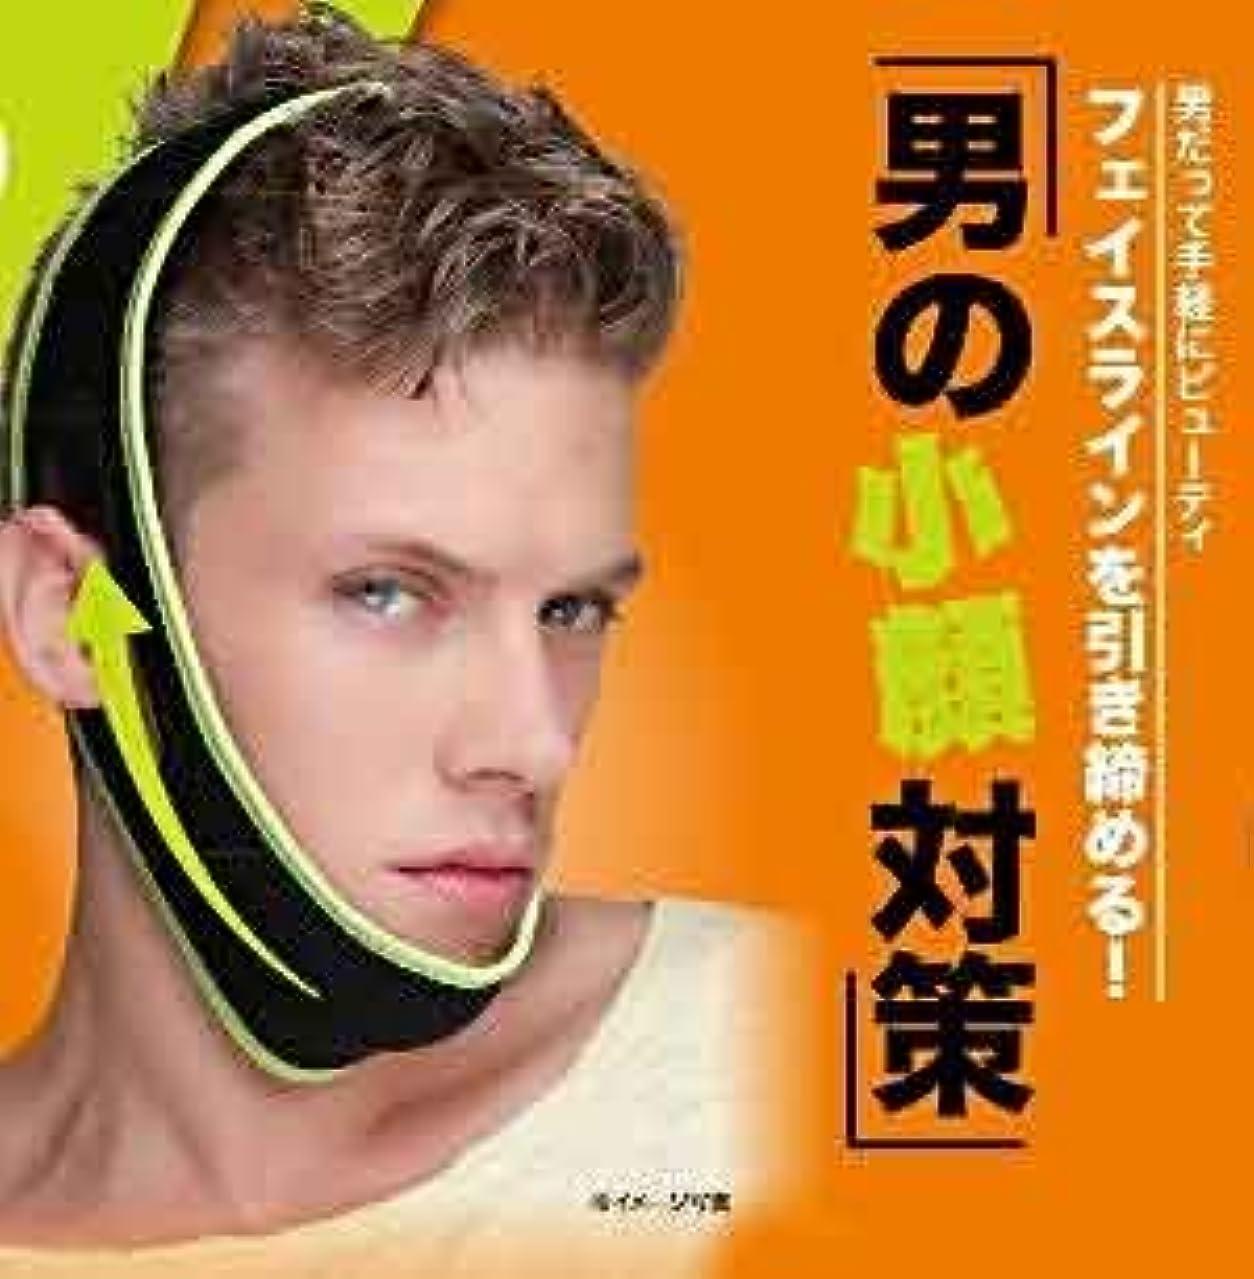 調整する蓄積する保守的寝ている間にしっかり引き締め&小顔補正フェイスマスク メンズ小顔リフトアップベルト